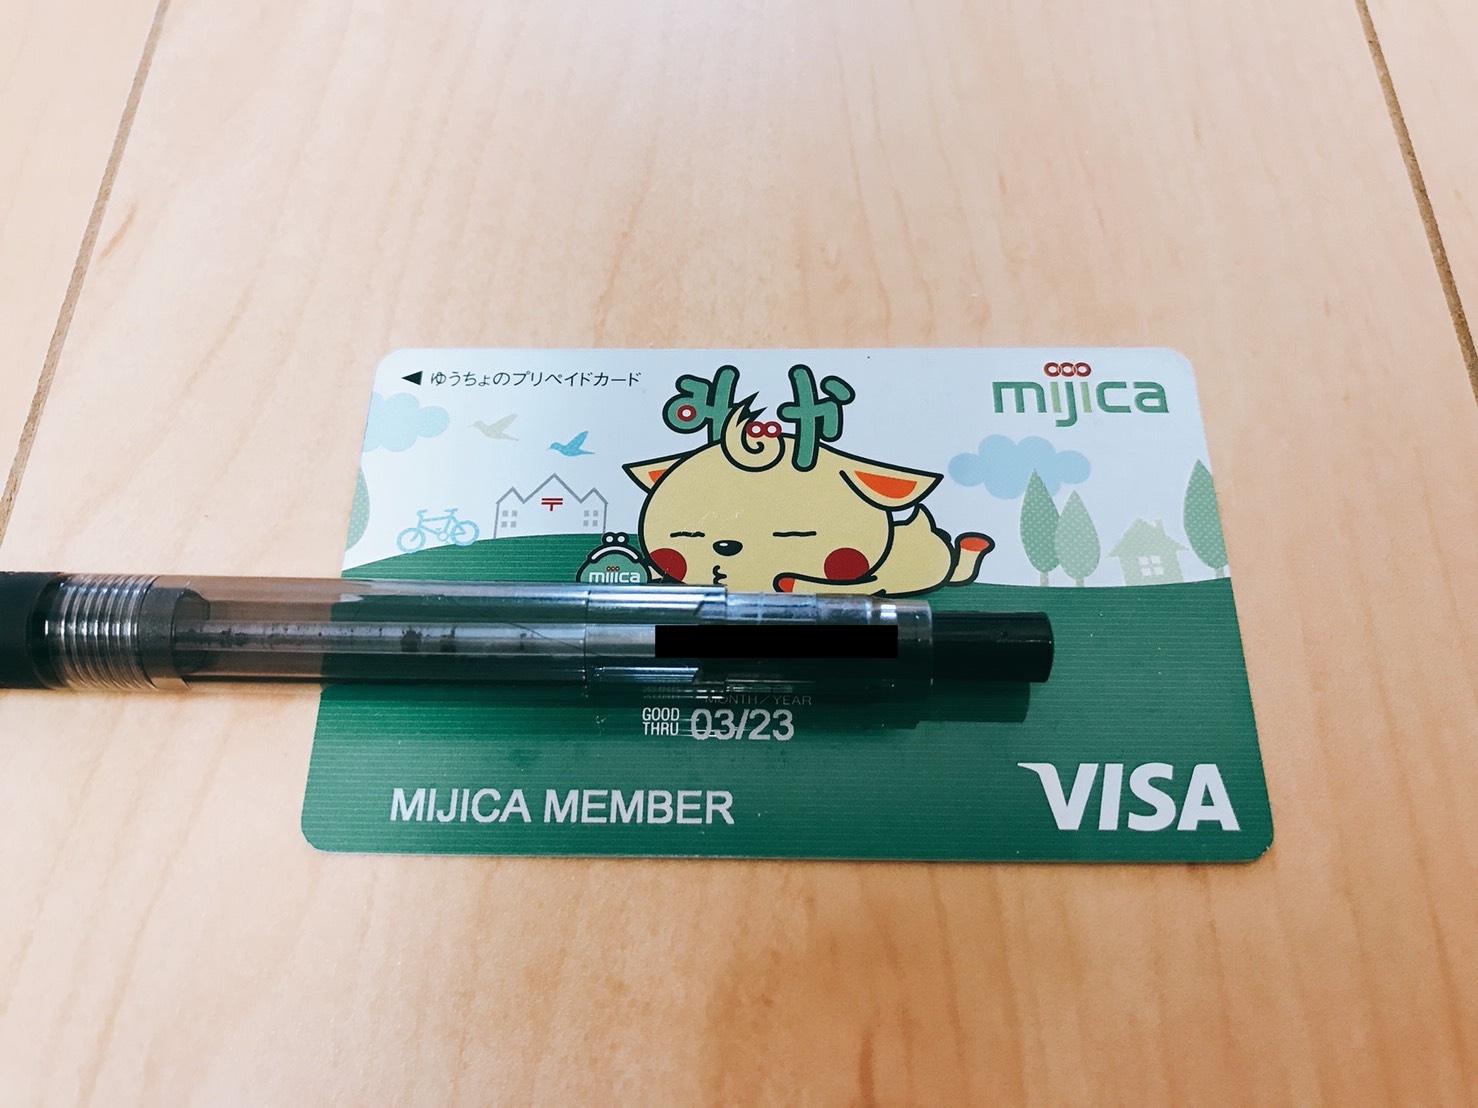 デビット ゆうちょ カード visa ゆうちょ銀行の「mijica Visaデビットカード」のメリットまとめ!中学生から作れるが・・・